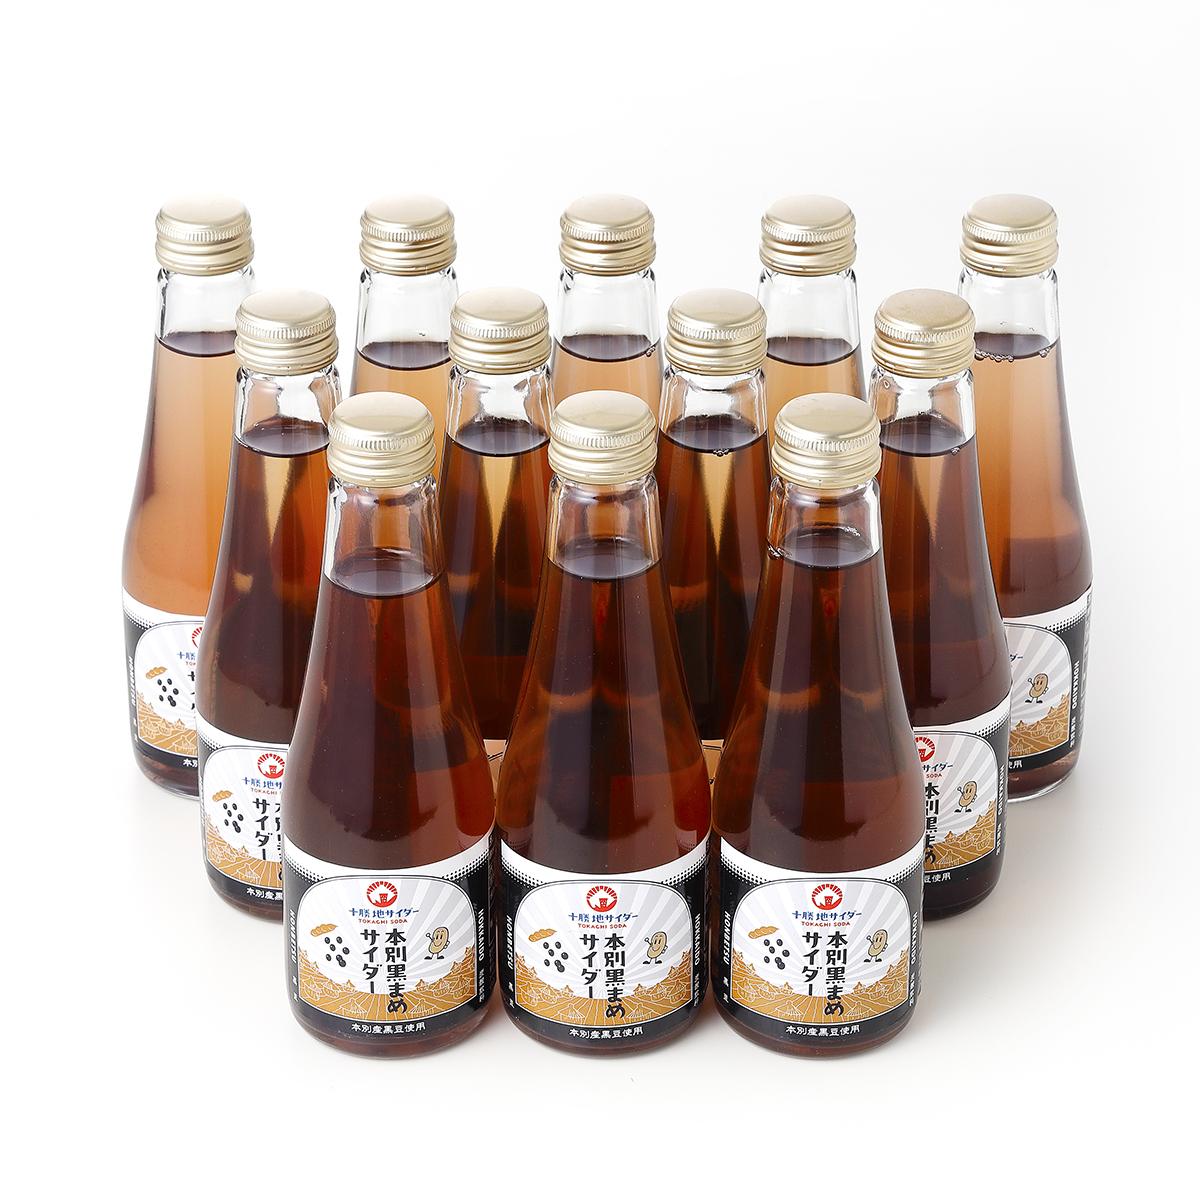 【ふるさと納税】「黒豆サイダー」12本セット, 欧菓子 KUTSUMI:71ce68a3 --- economiadigital.org.br